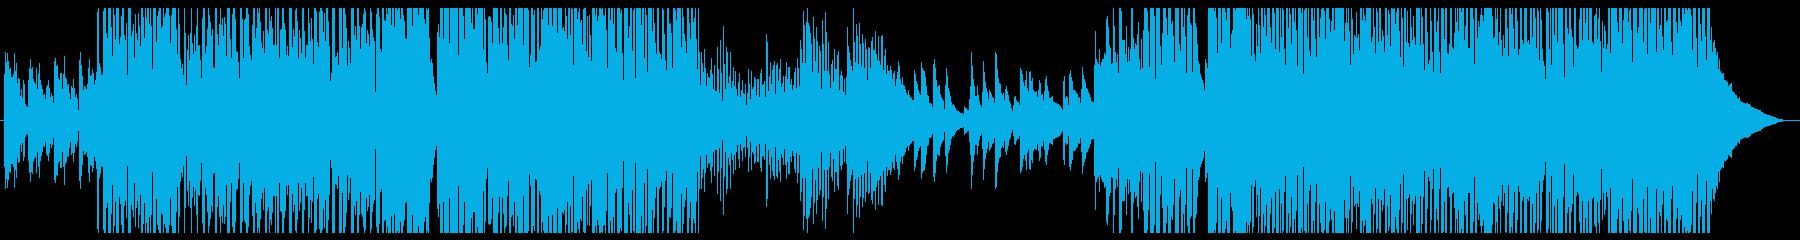 アップテンポピアノかっこいいジャズの再生済みの波形